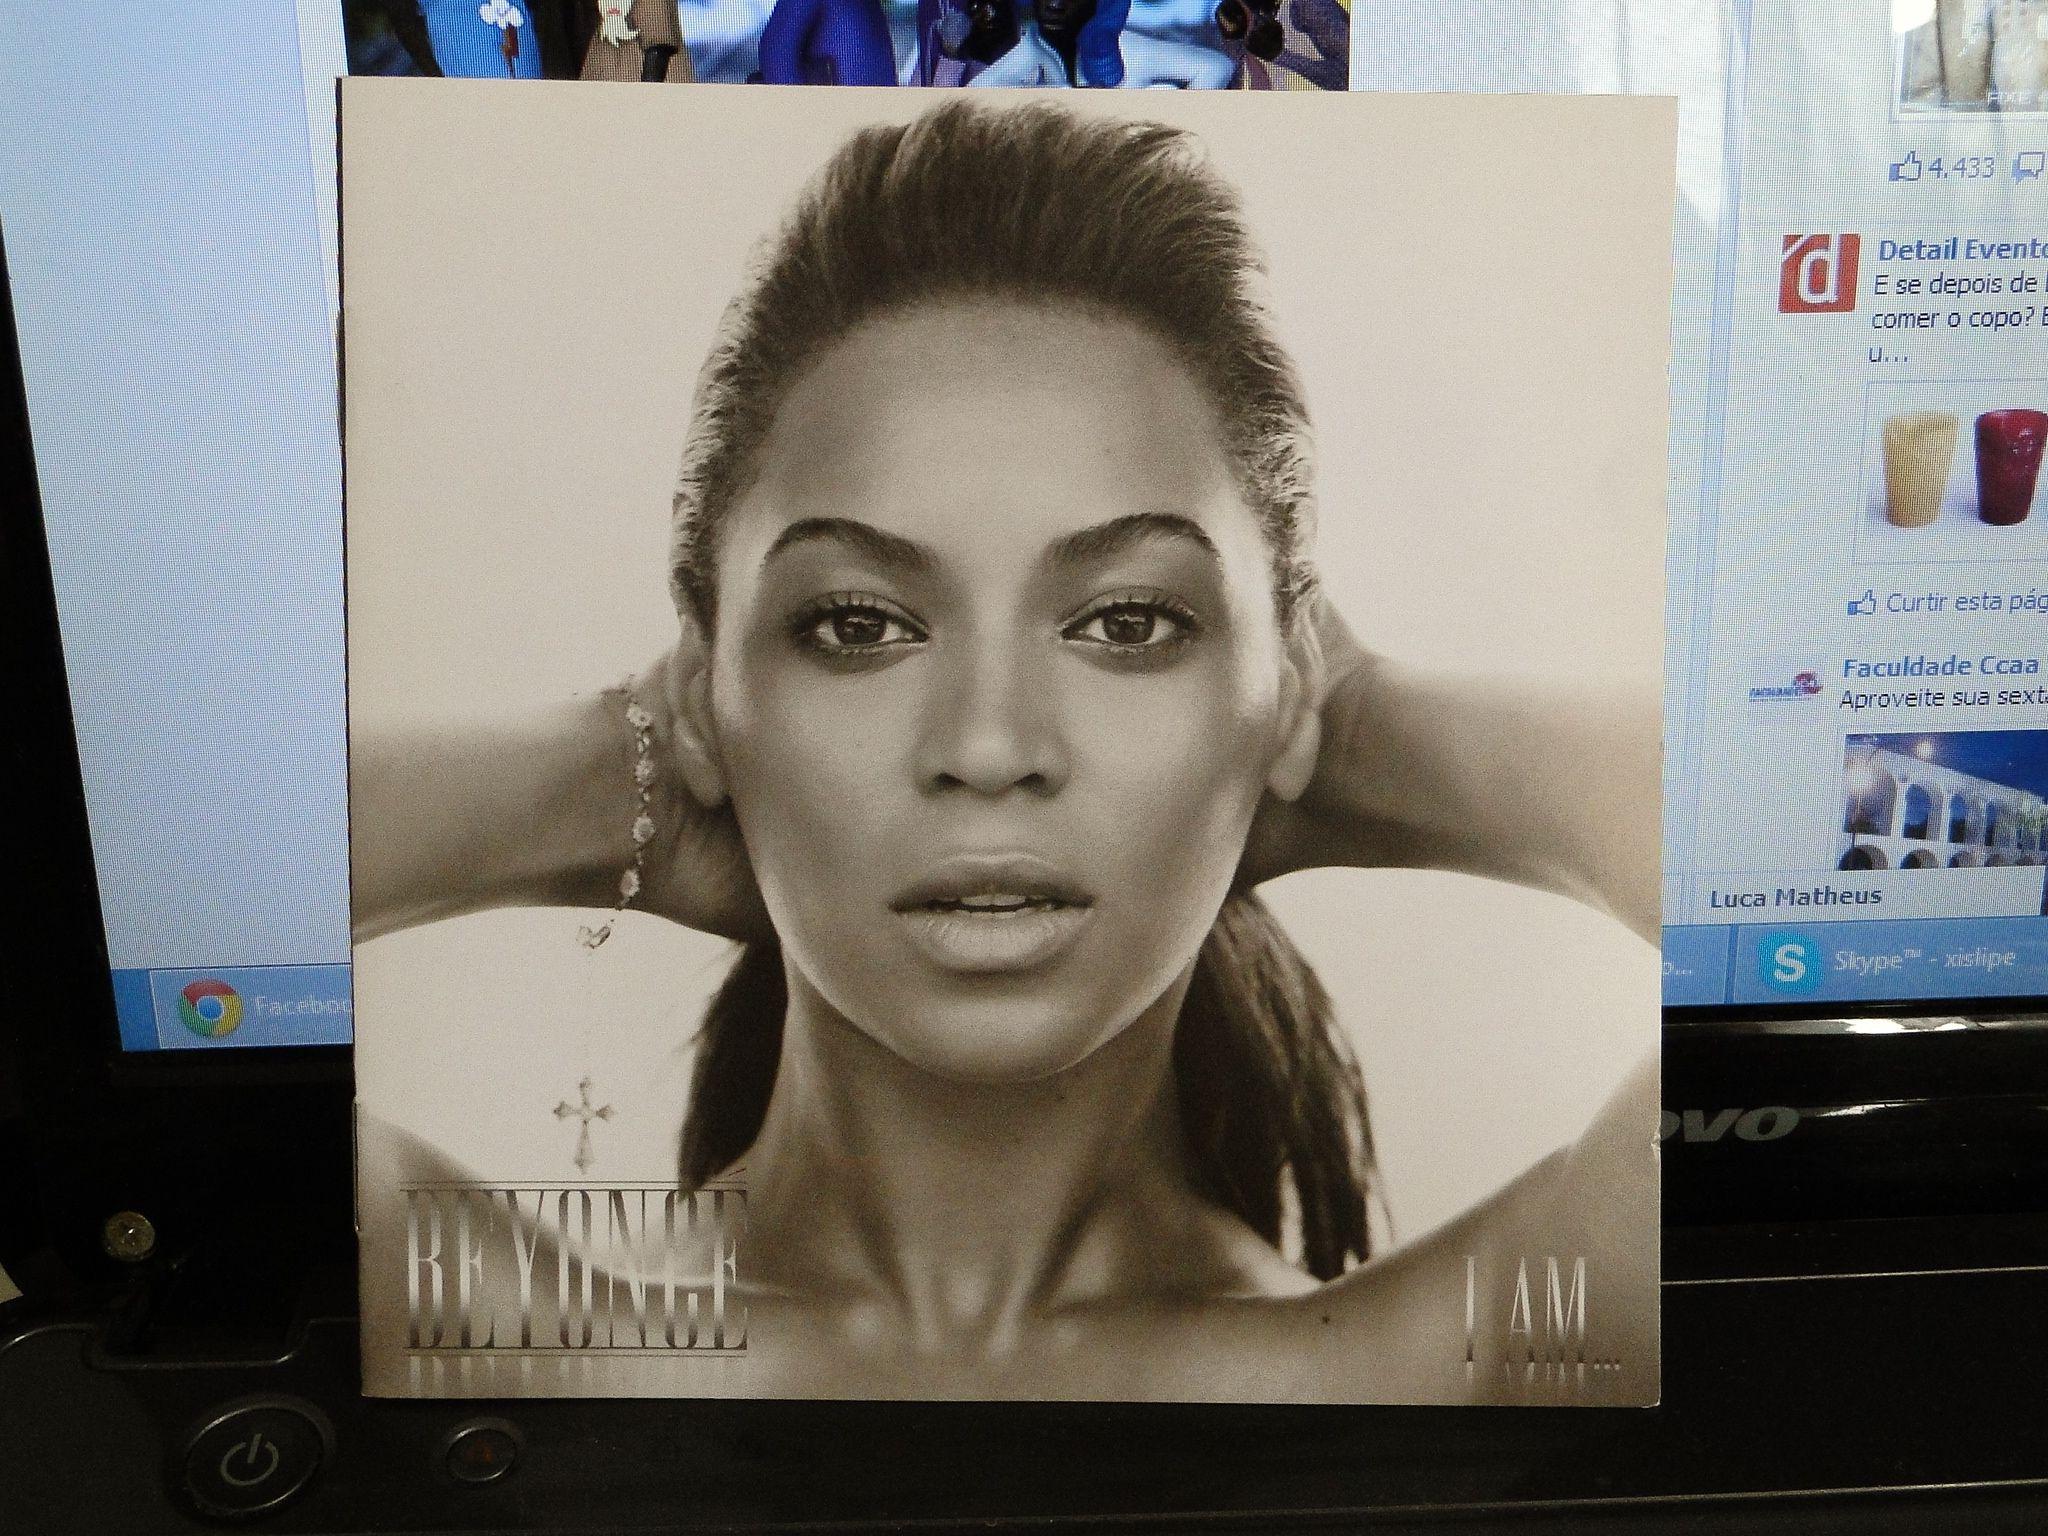 """Esse CD, por inteiro marcou muito minha vida em 2009. Ele foi o responsável por deixar a Beyoncé durante ANOS no topo do meu LastFM. Inclusive estive presente quando a """"I Am... Tour"""" veio ao Brasil, mais especificamente no dia 7 de Fevereiro de 2010, no Rio de Janeiro - HSBC Arena! Esta é a versão simples, porém o disco é duplo! Comprei por R$14,90! As músicas que mais gosto provavelmente não estão na versão standard..."""